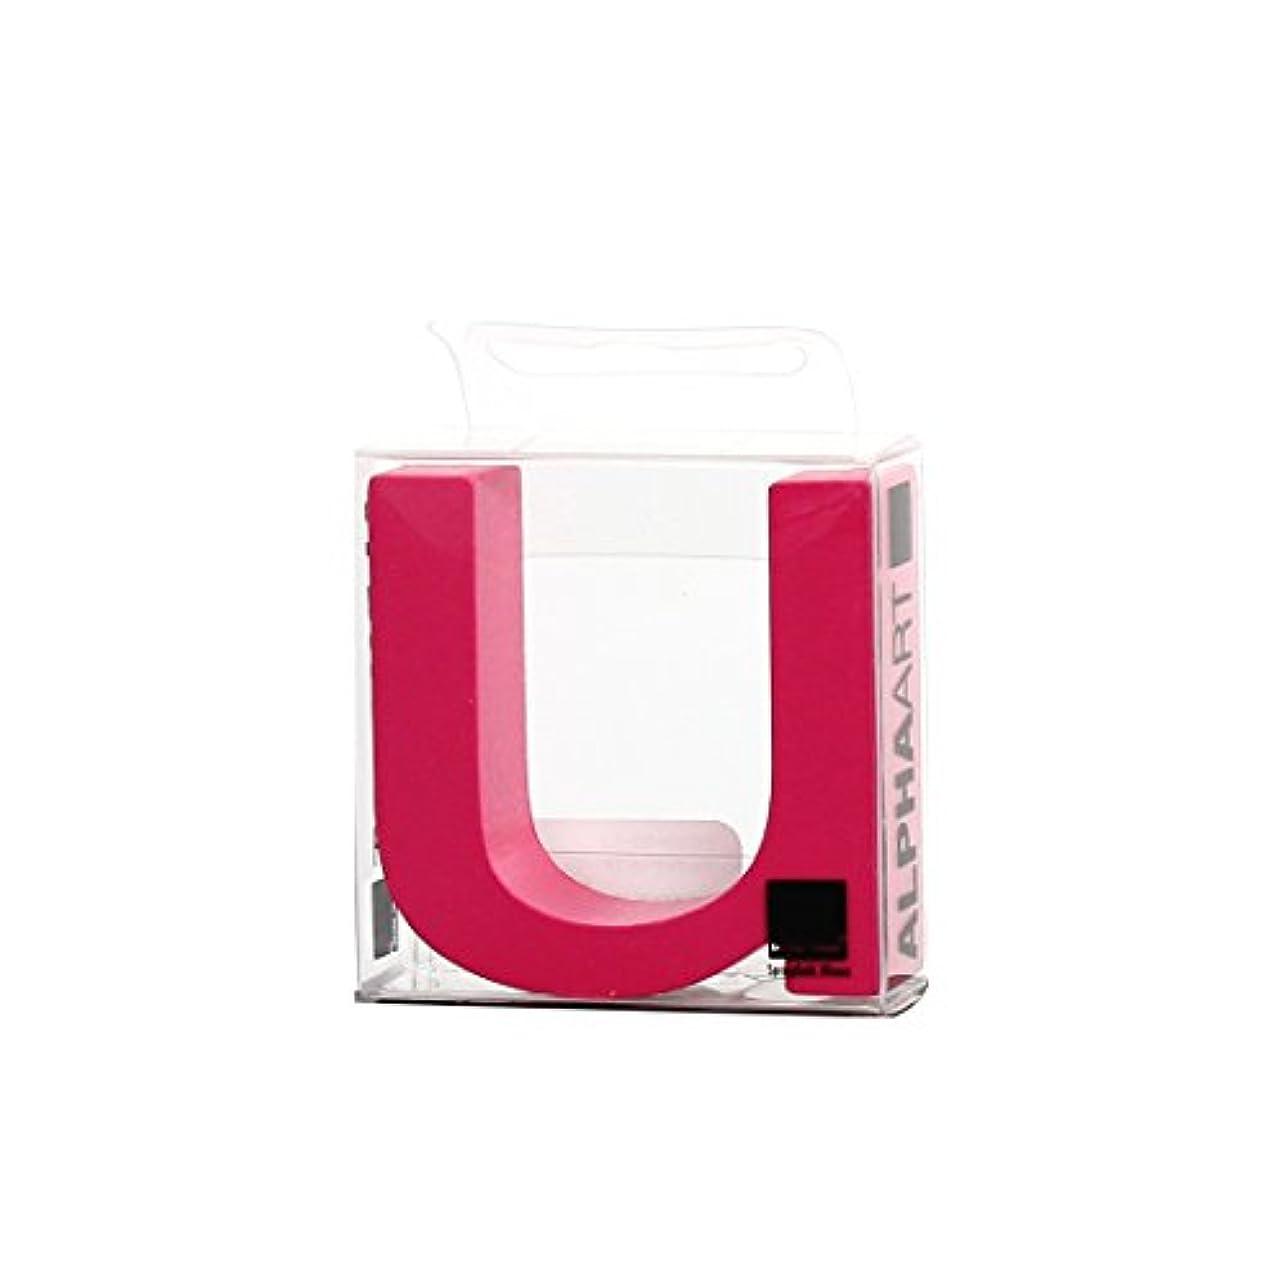 有名なモディッシュ起きてカメヤマキャンドルハウス アルファベットブロック カラフル  アルファアートスモールu 「 ピンク 」